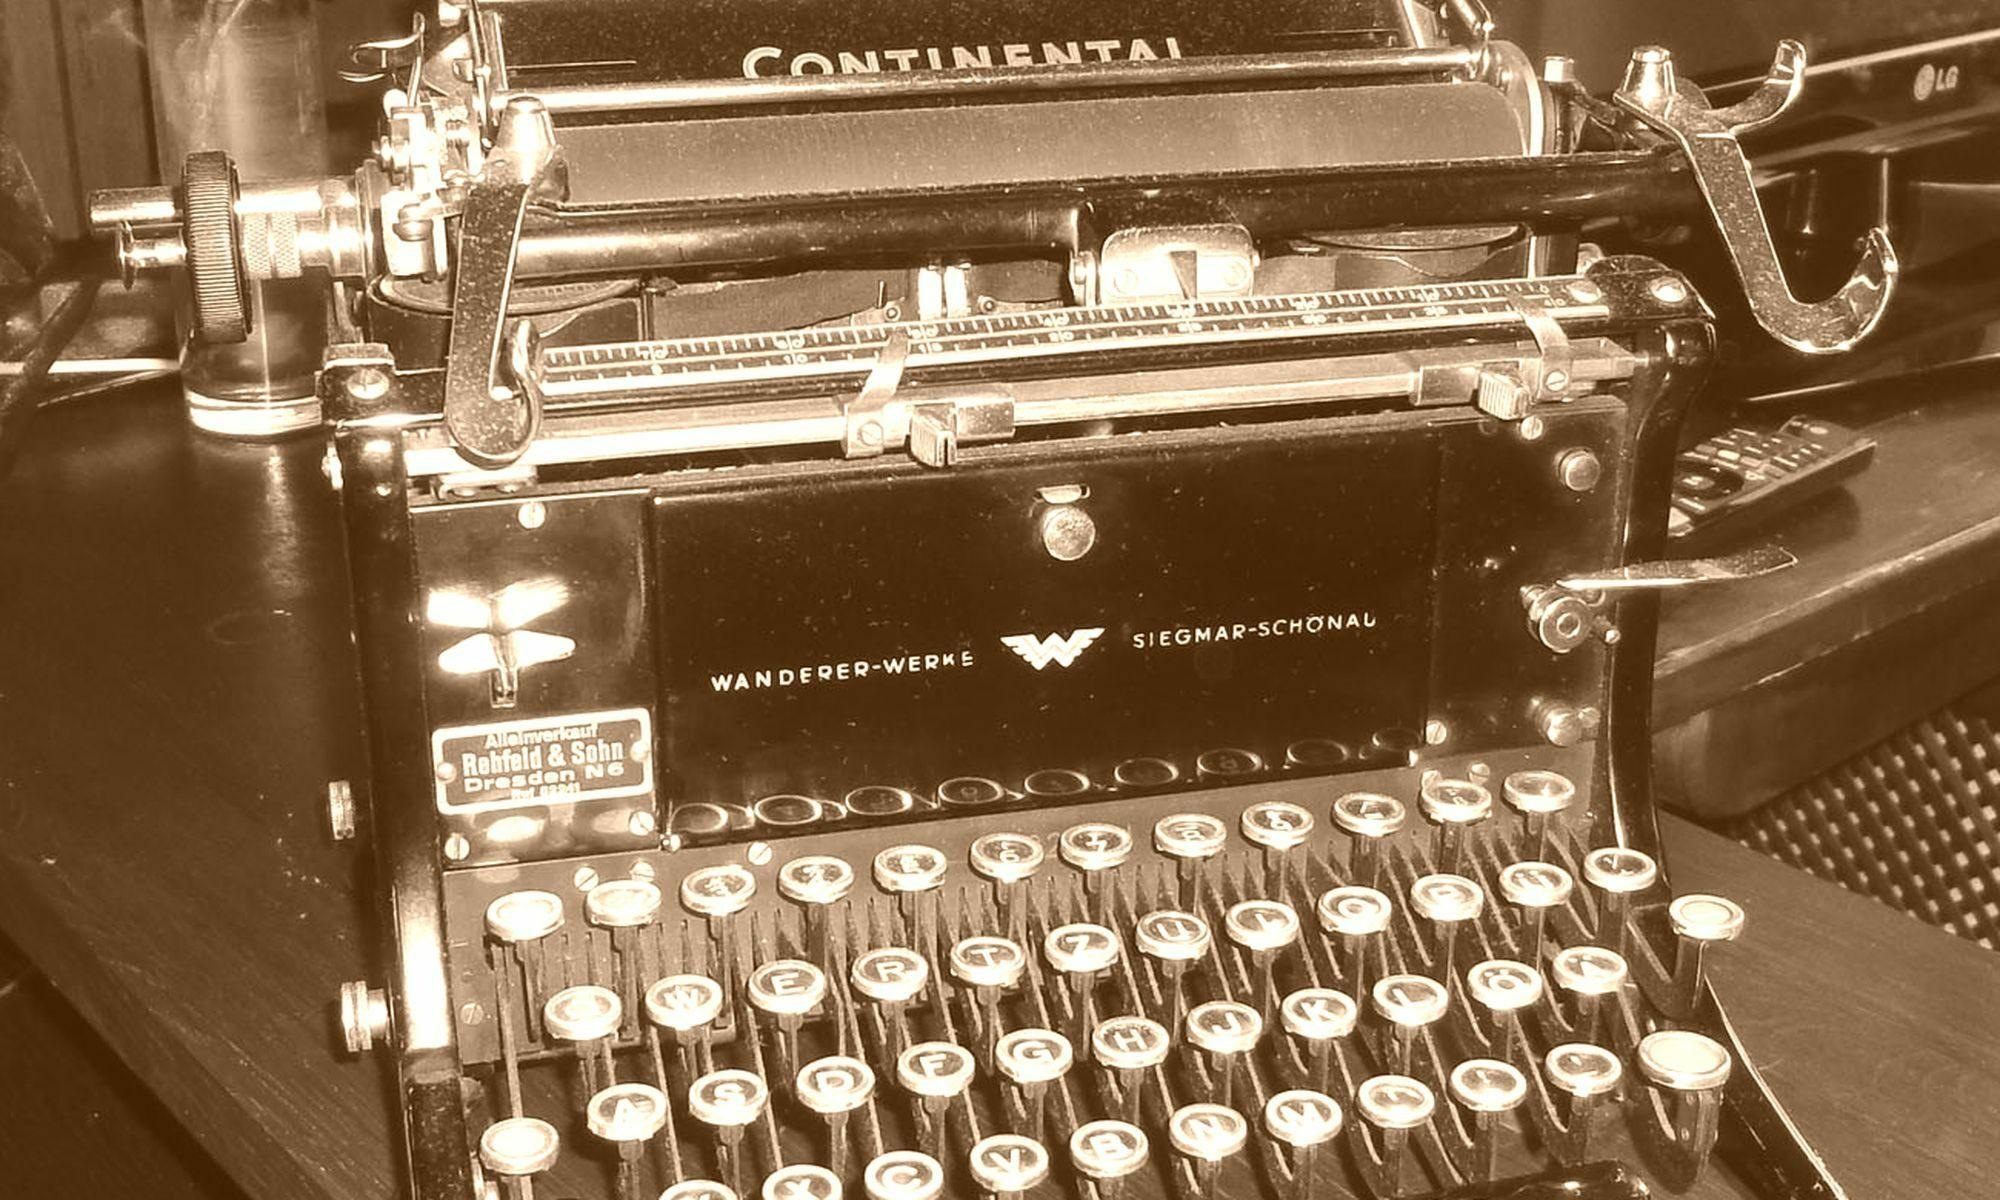 Textwerkstatt Dresden